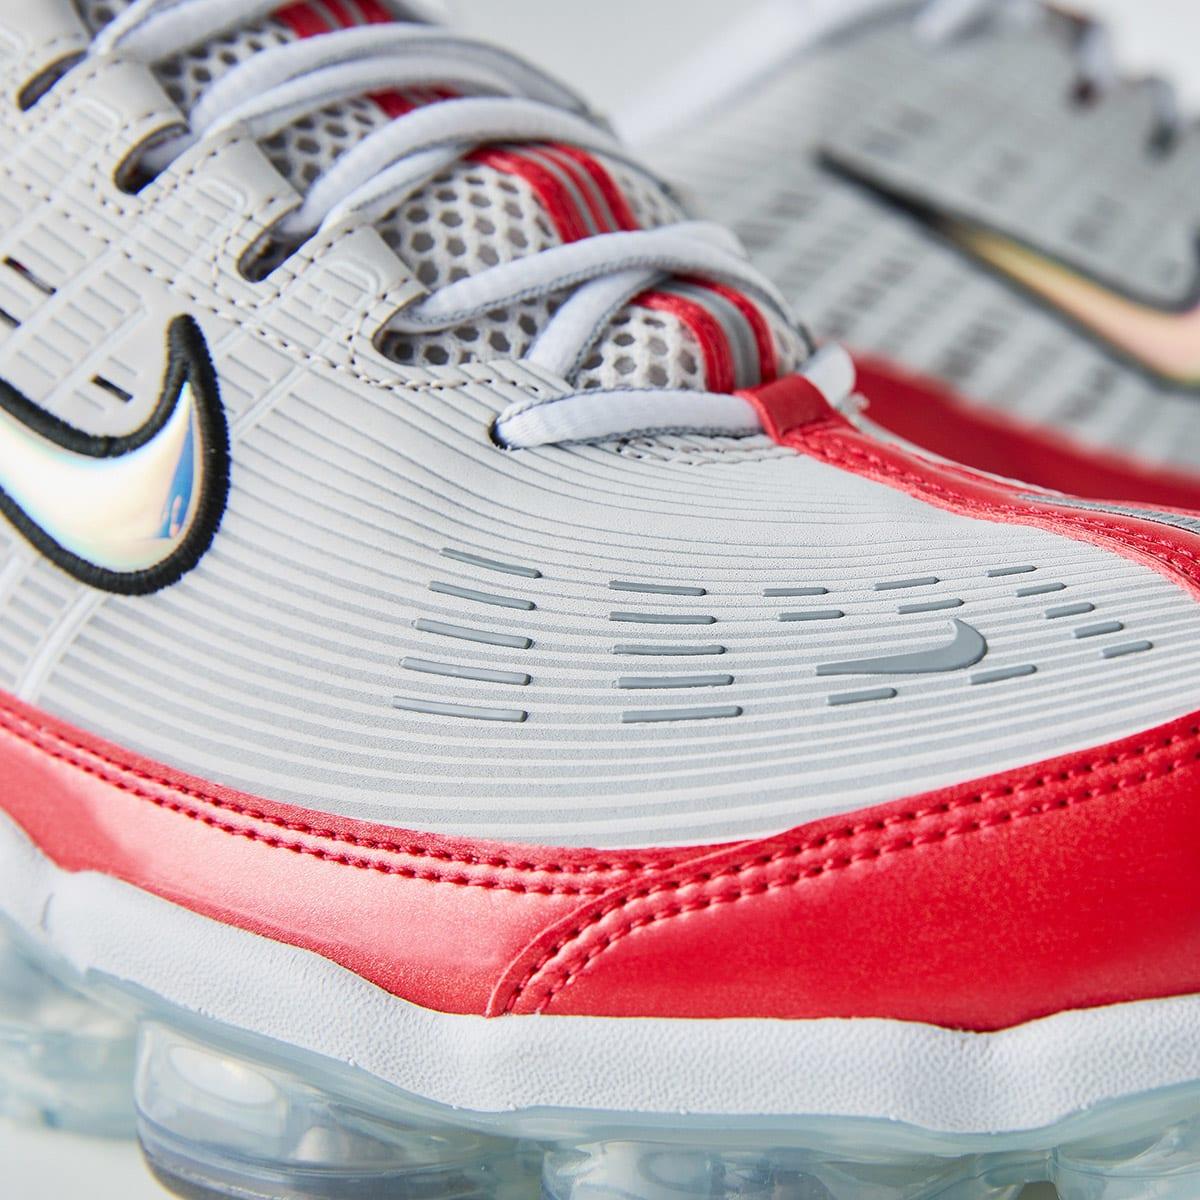 Nike Air Vapormax 360 - CK2718-002